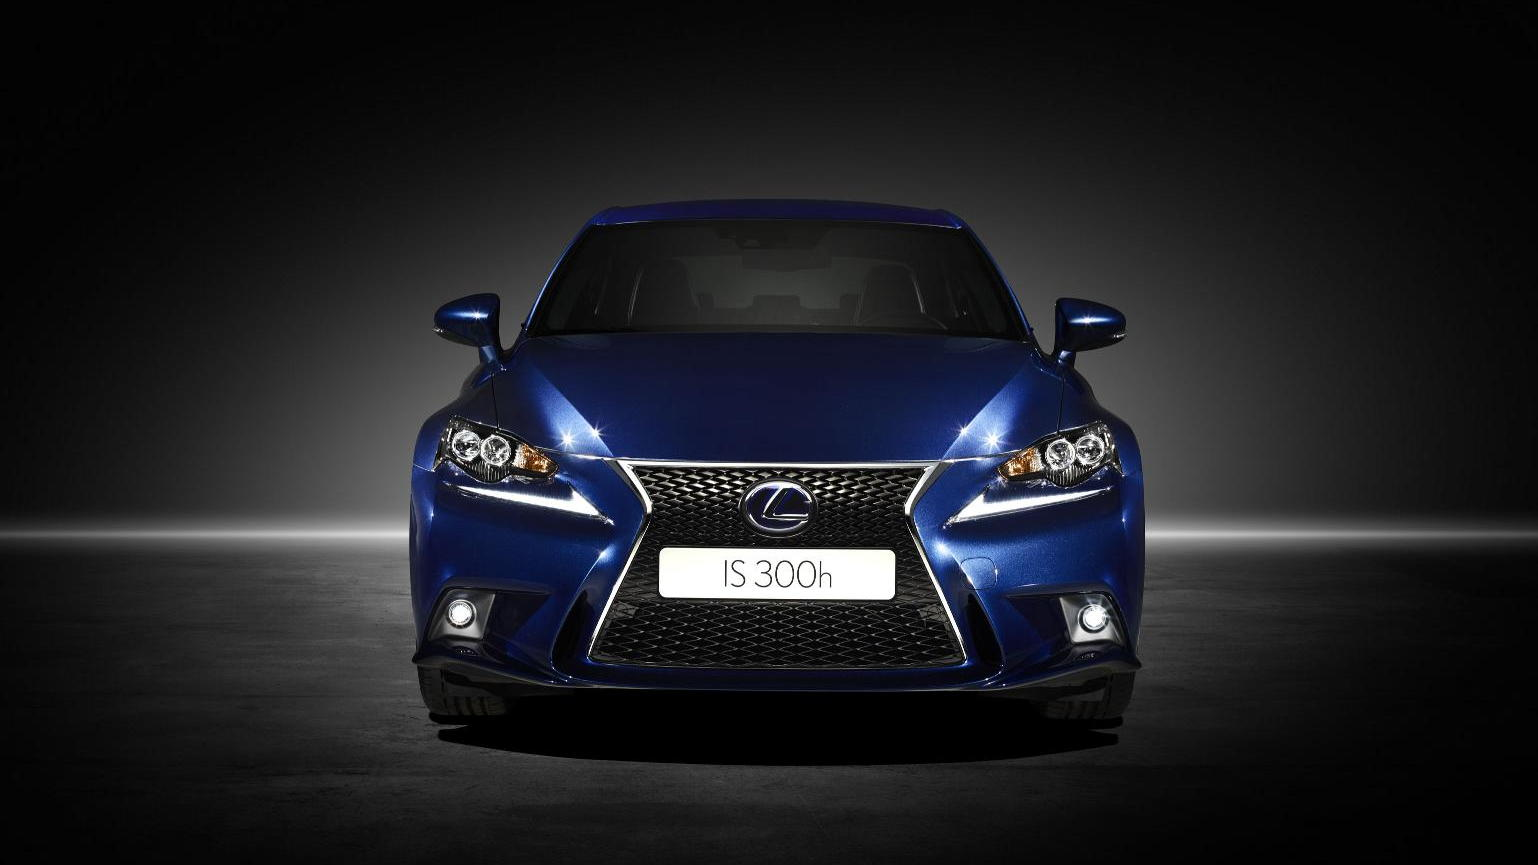 2014 Lexus IS 300h